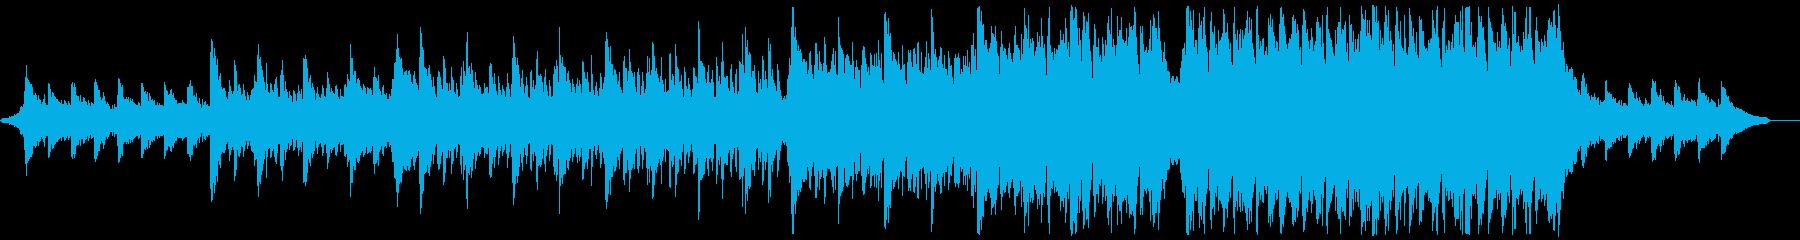 ポジティブポップオーケストラx1回の再生済みの波形